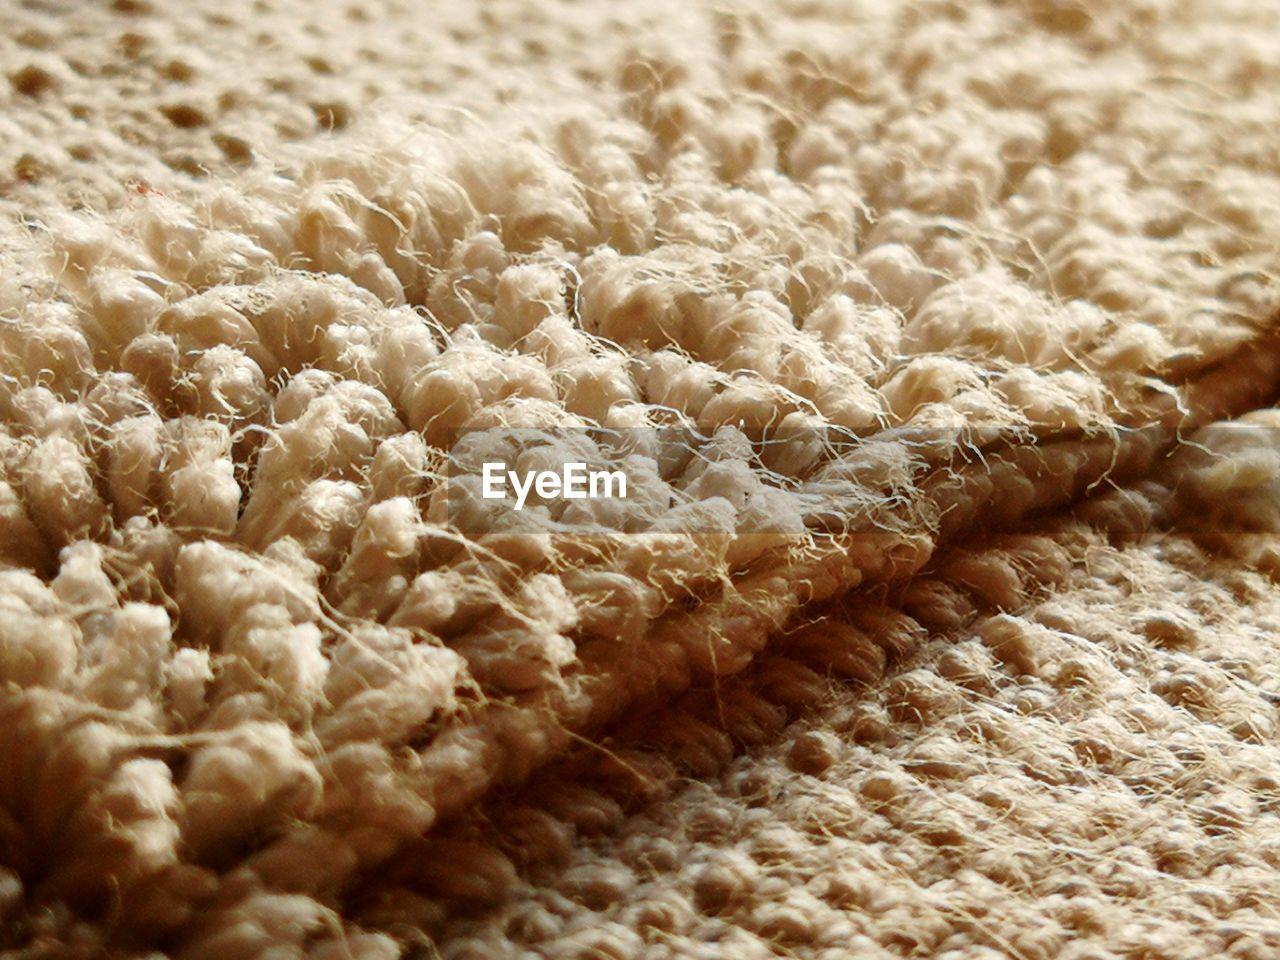 Full frame shot of rugs